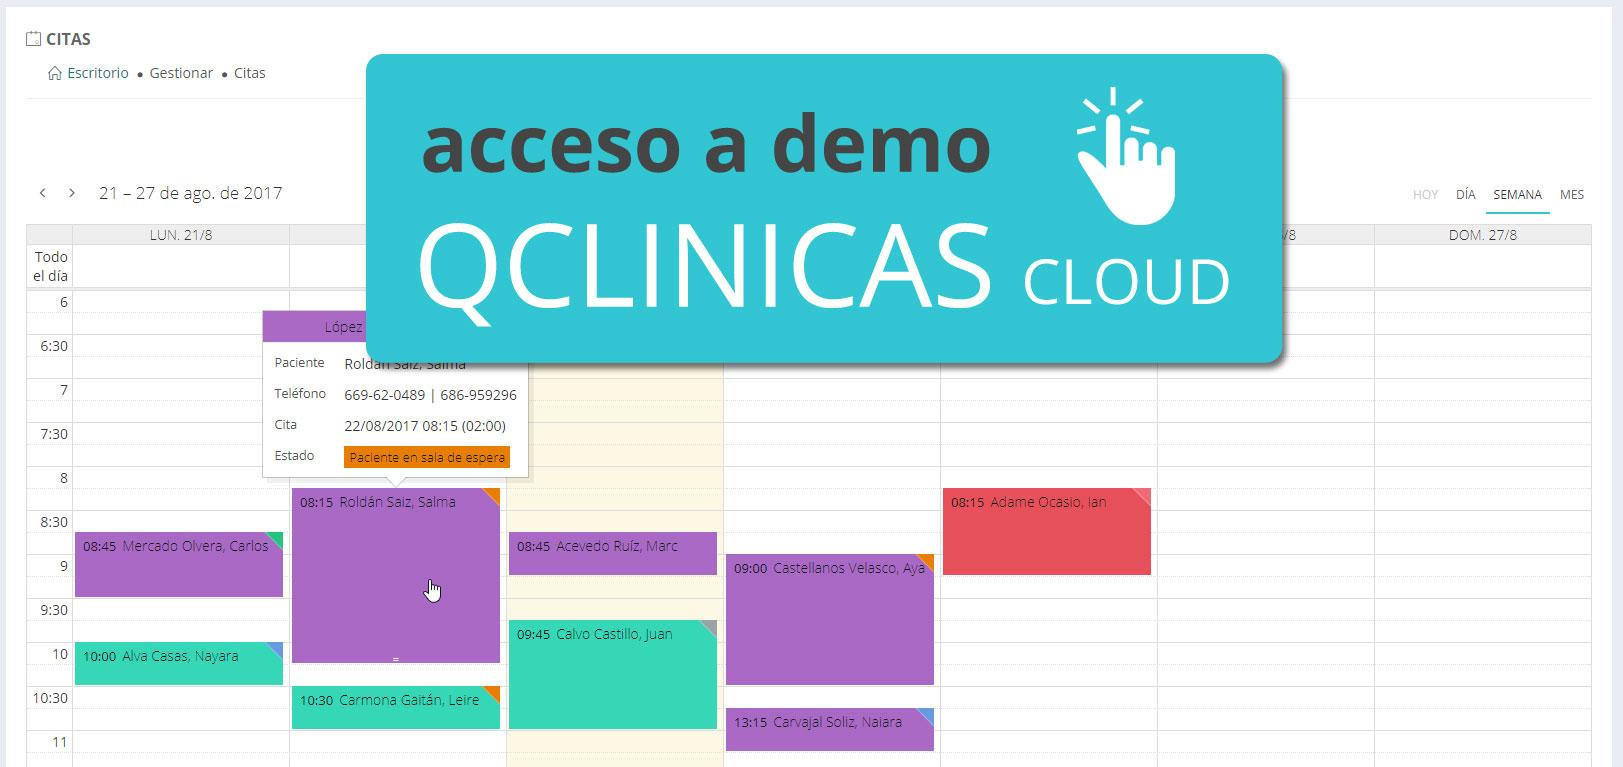 acceso-demo-software-de-gestion-de-clinicas-en-la-nube-gratis